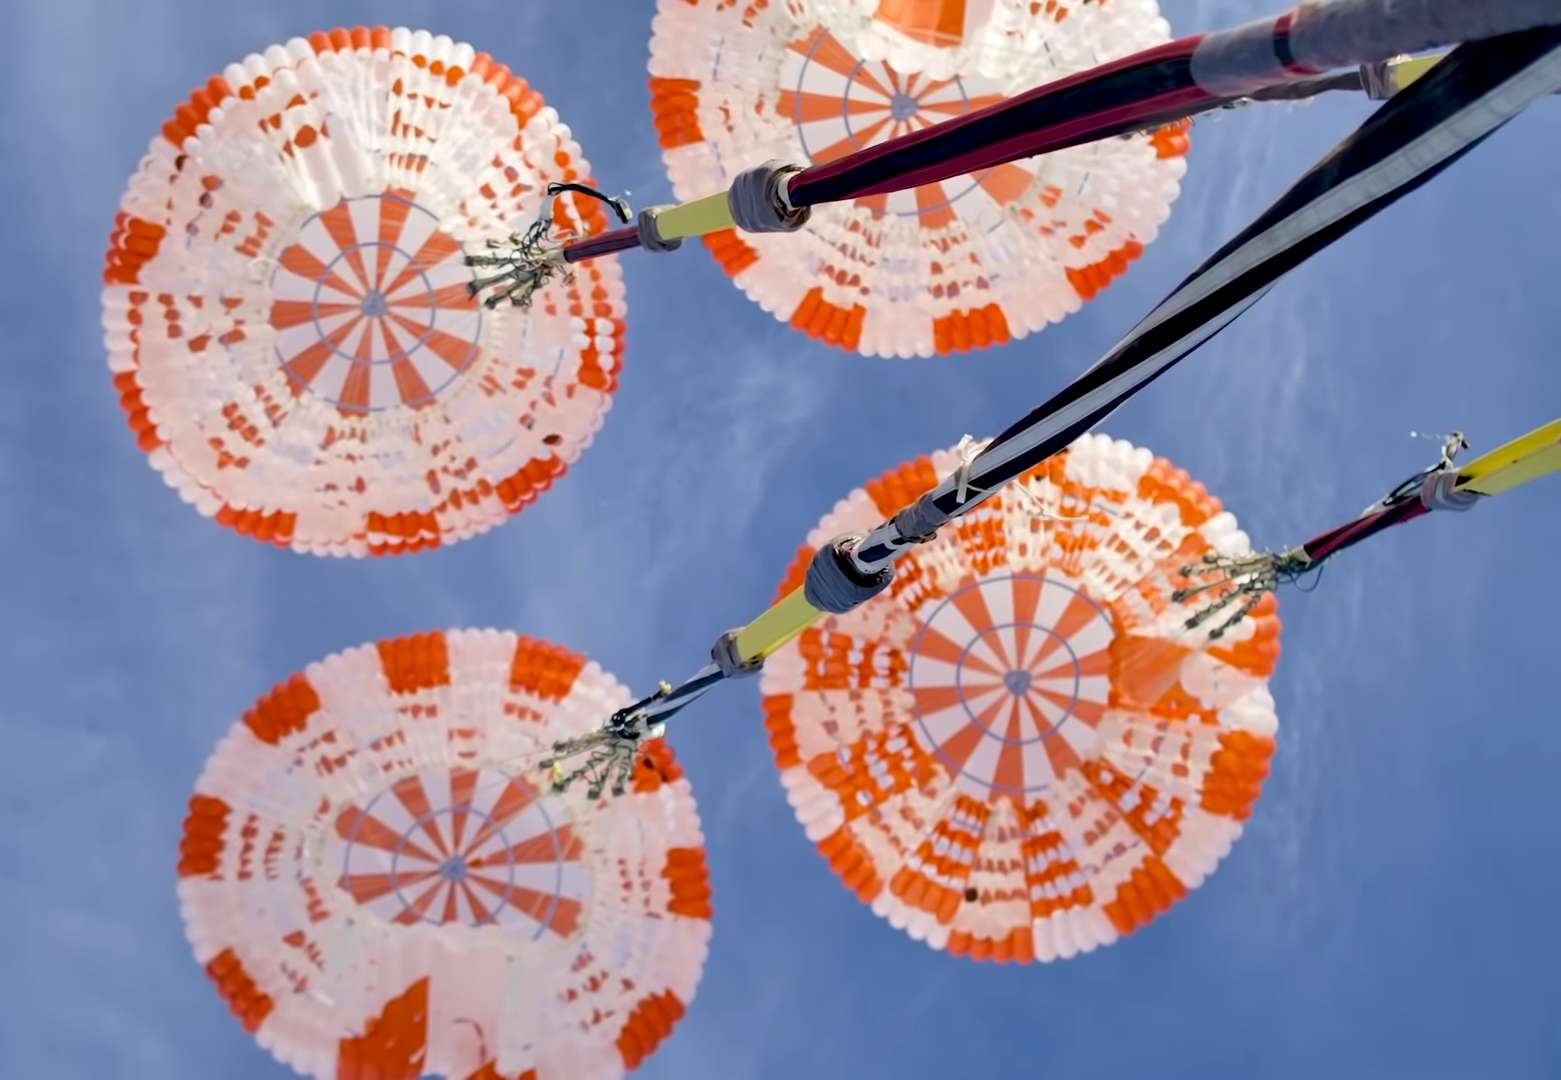 Test des parachutes de la capsule habitée Crew Dragon de SpaceX. © SpaceX